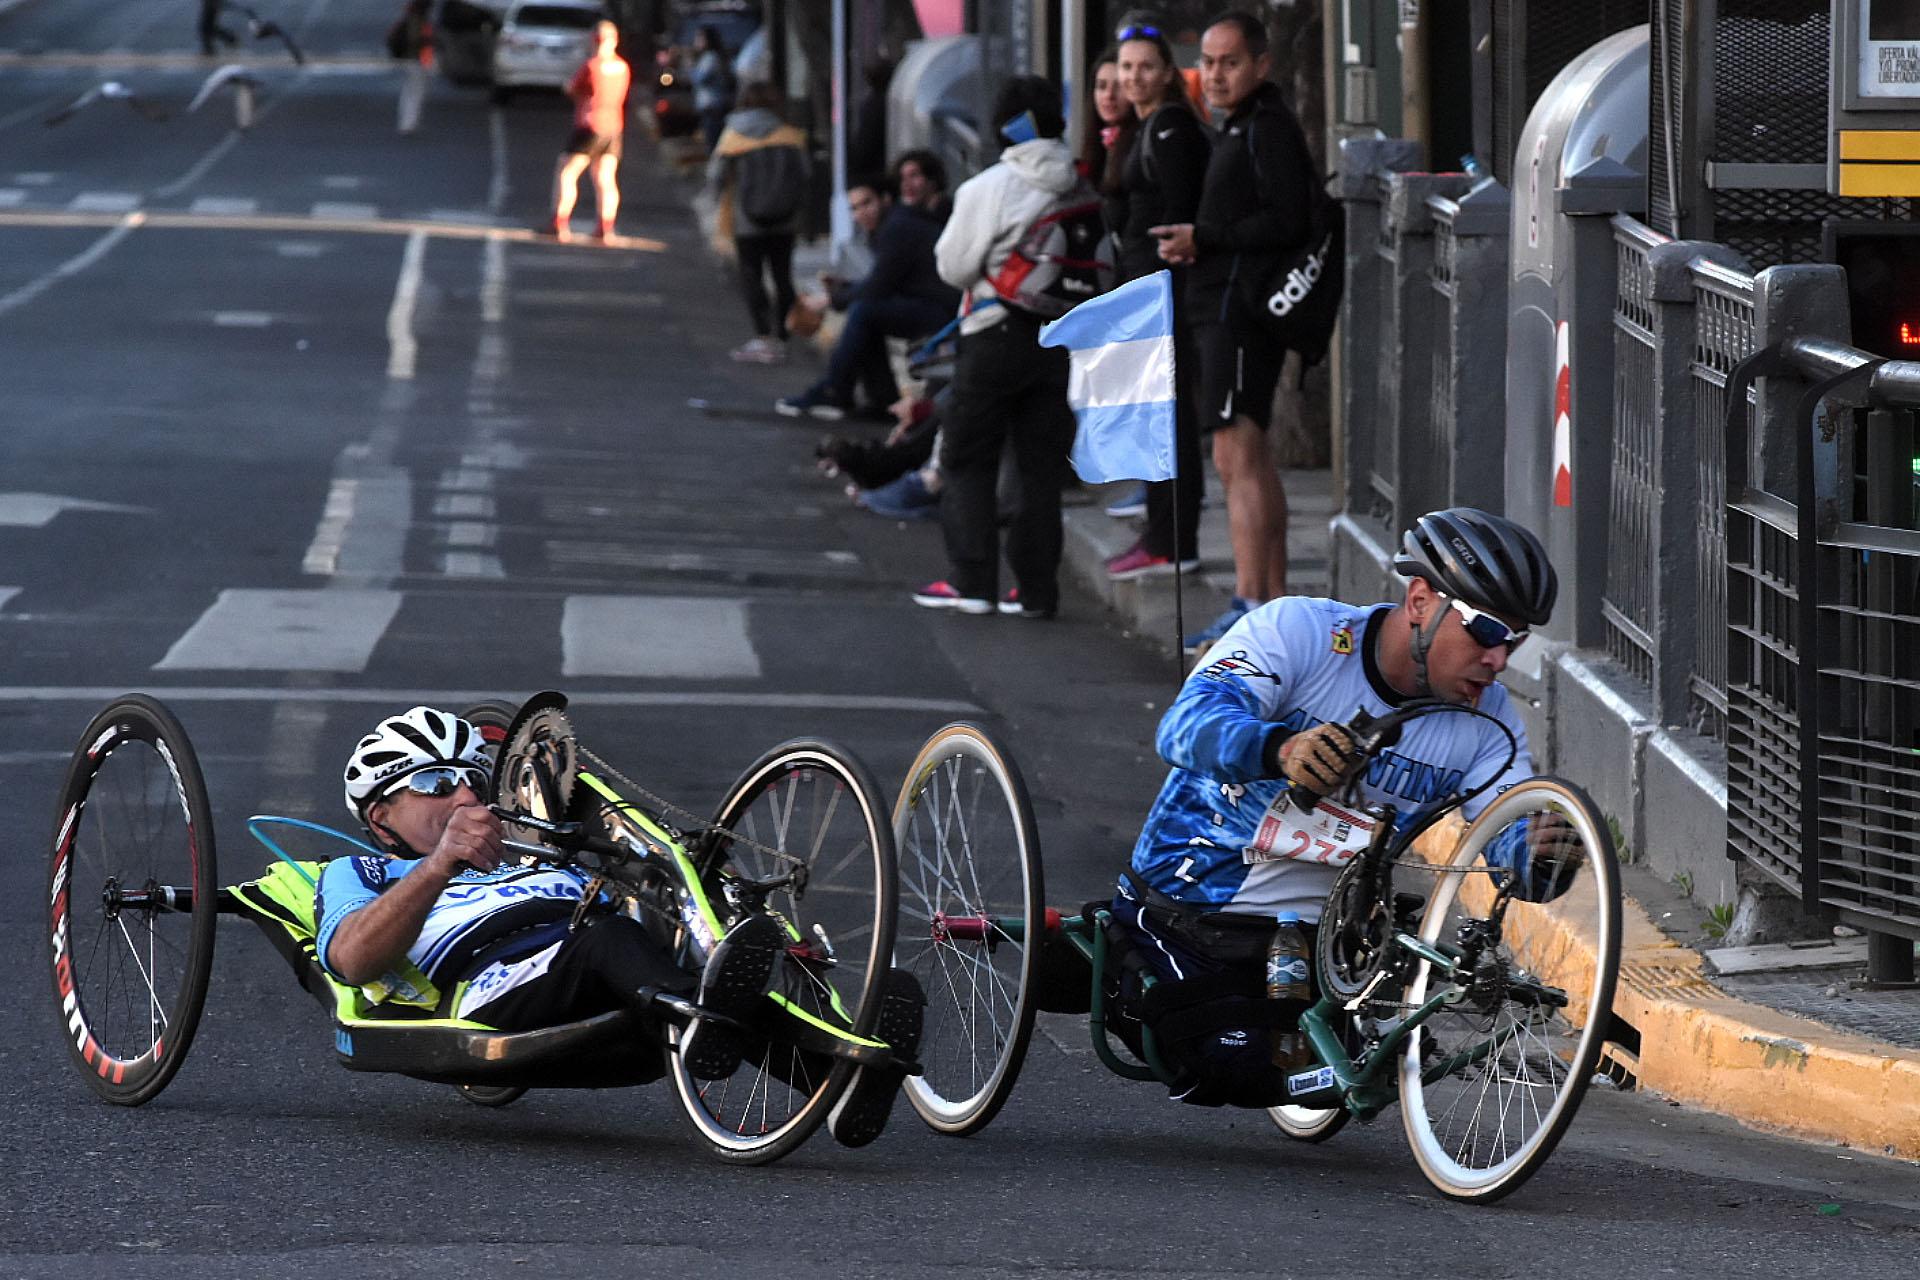 La maratón también representó un desafío para aquellos participantes con discapacidades motoras